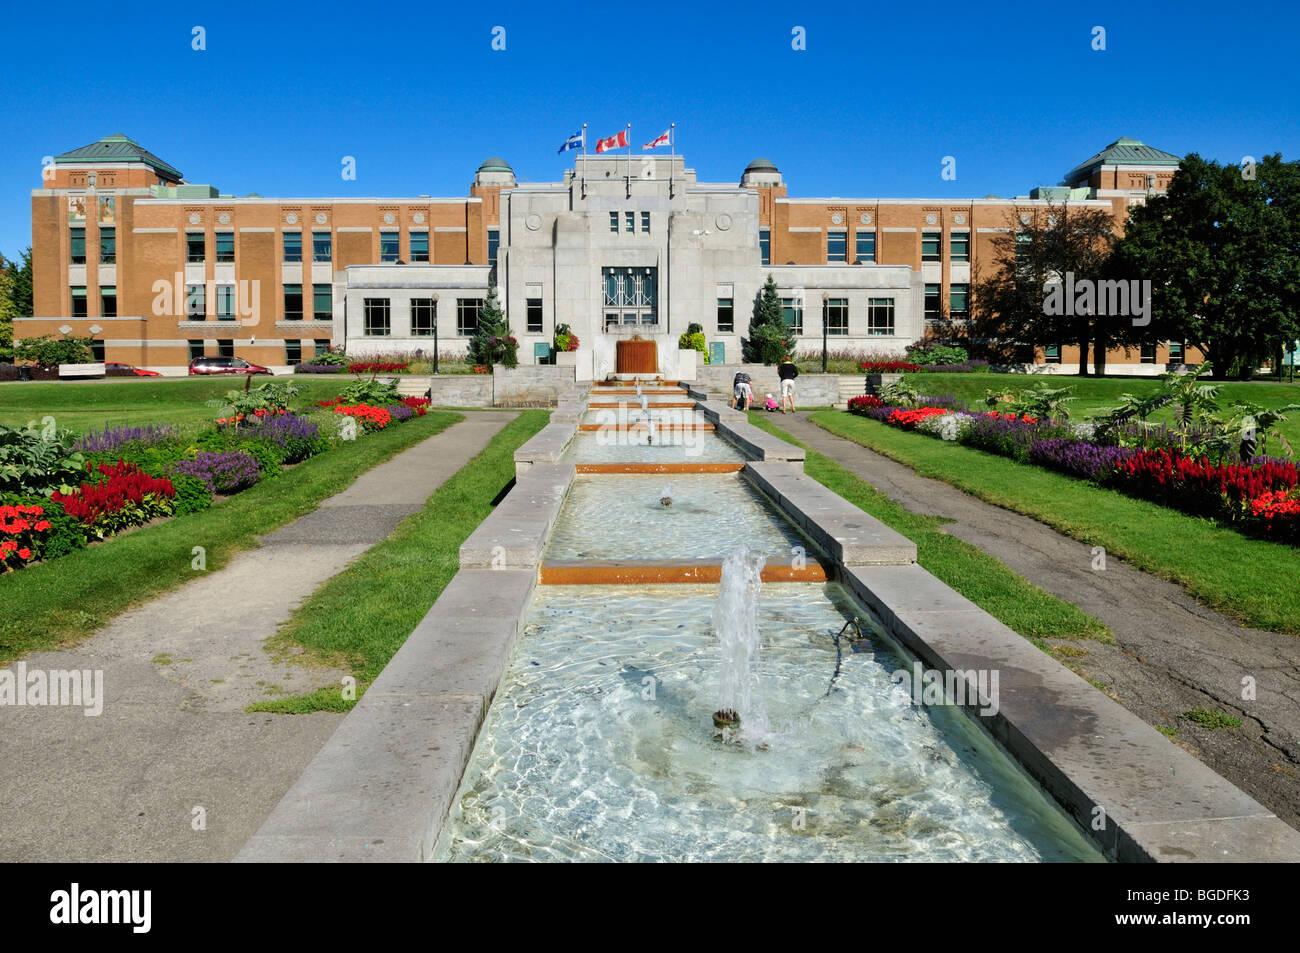 jardin botanique de montreal botanical garden of montreal quebec stock photo 27342535 alamy. Black Bedroom Furniture Sets. Home Design Ideas